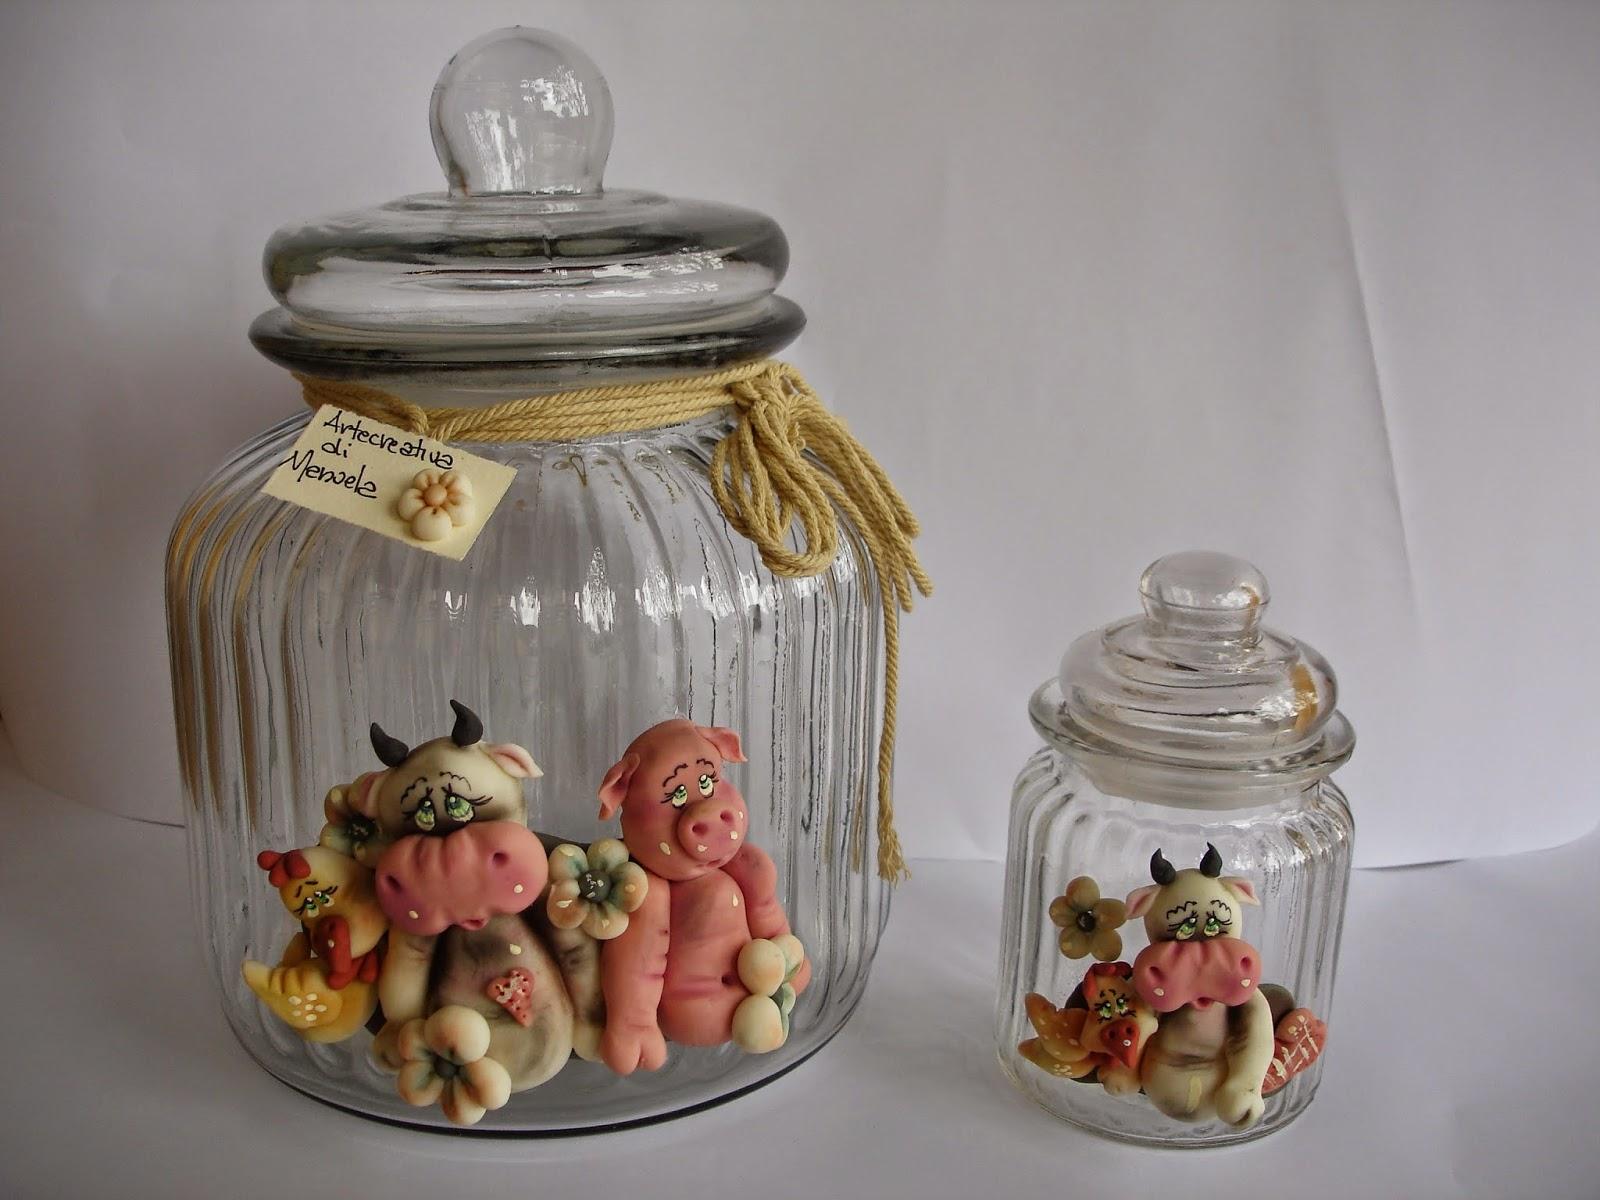 Arte creativa di manuela barattoli per biscotti - Barattoli vetro decorati ...